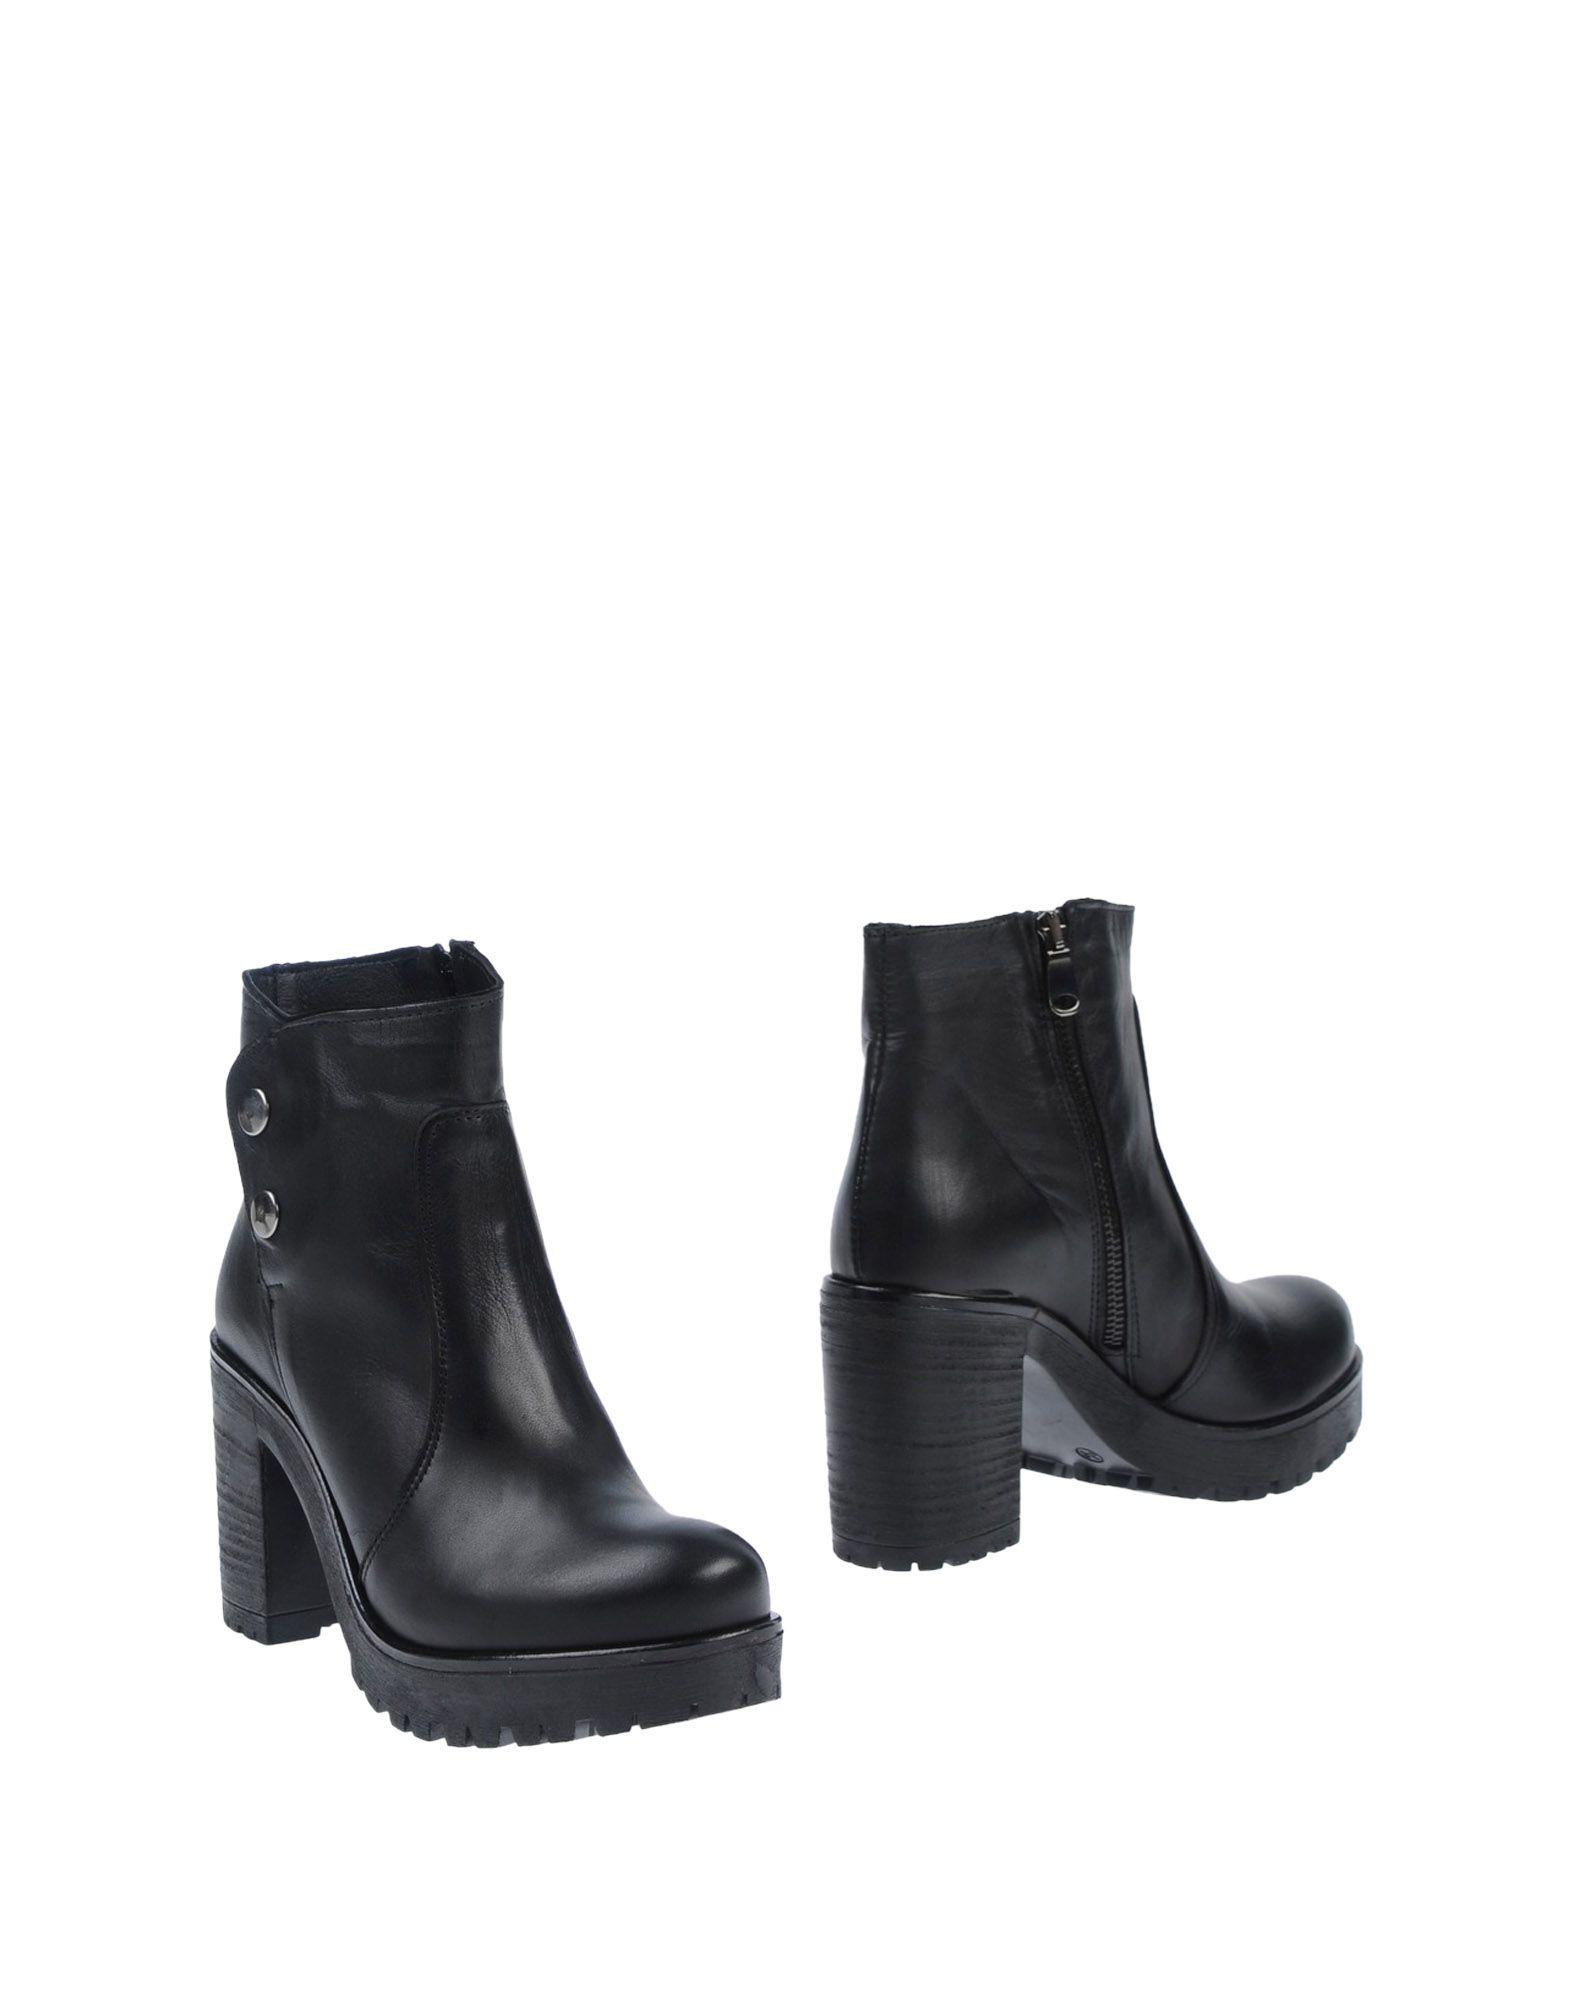 Mauro Fedeli Stiefelette Damen  11507634MX Gute Qualität beliebte beliebte beliebte Schuhe c55942